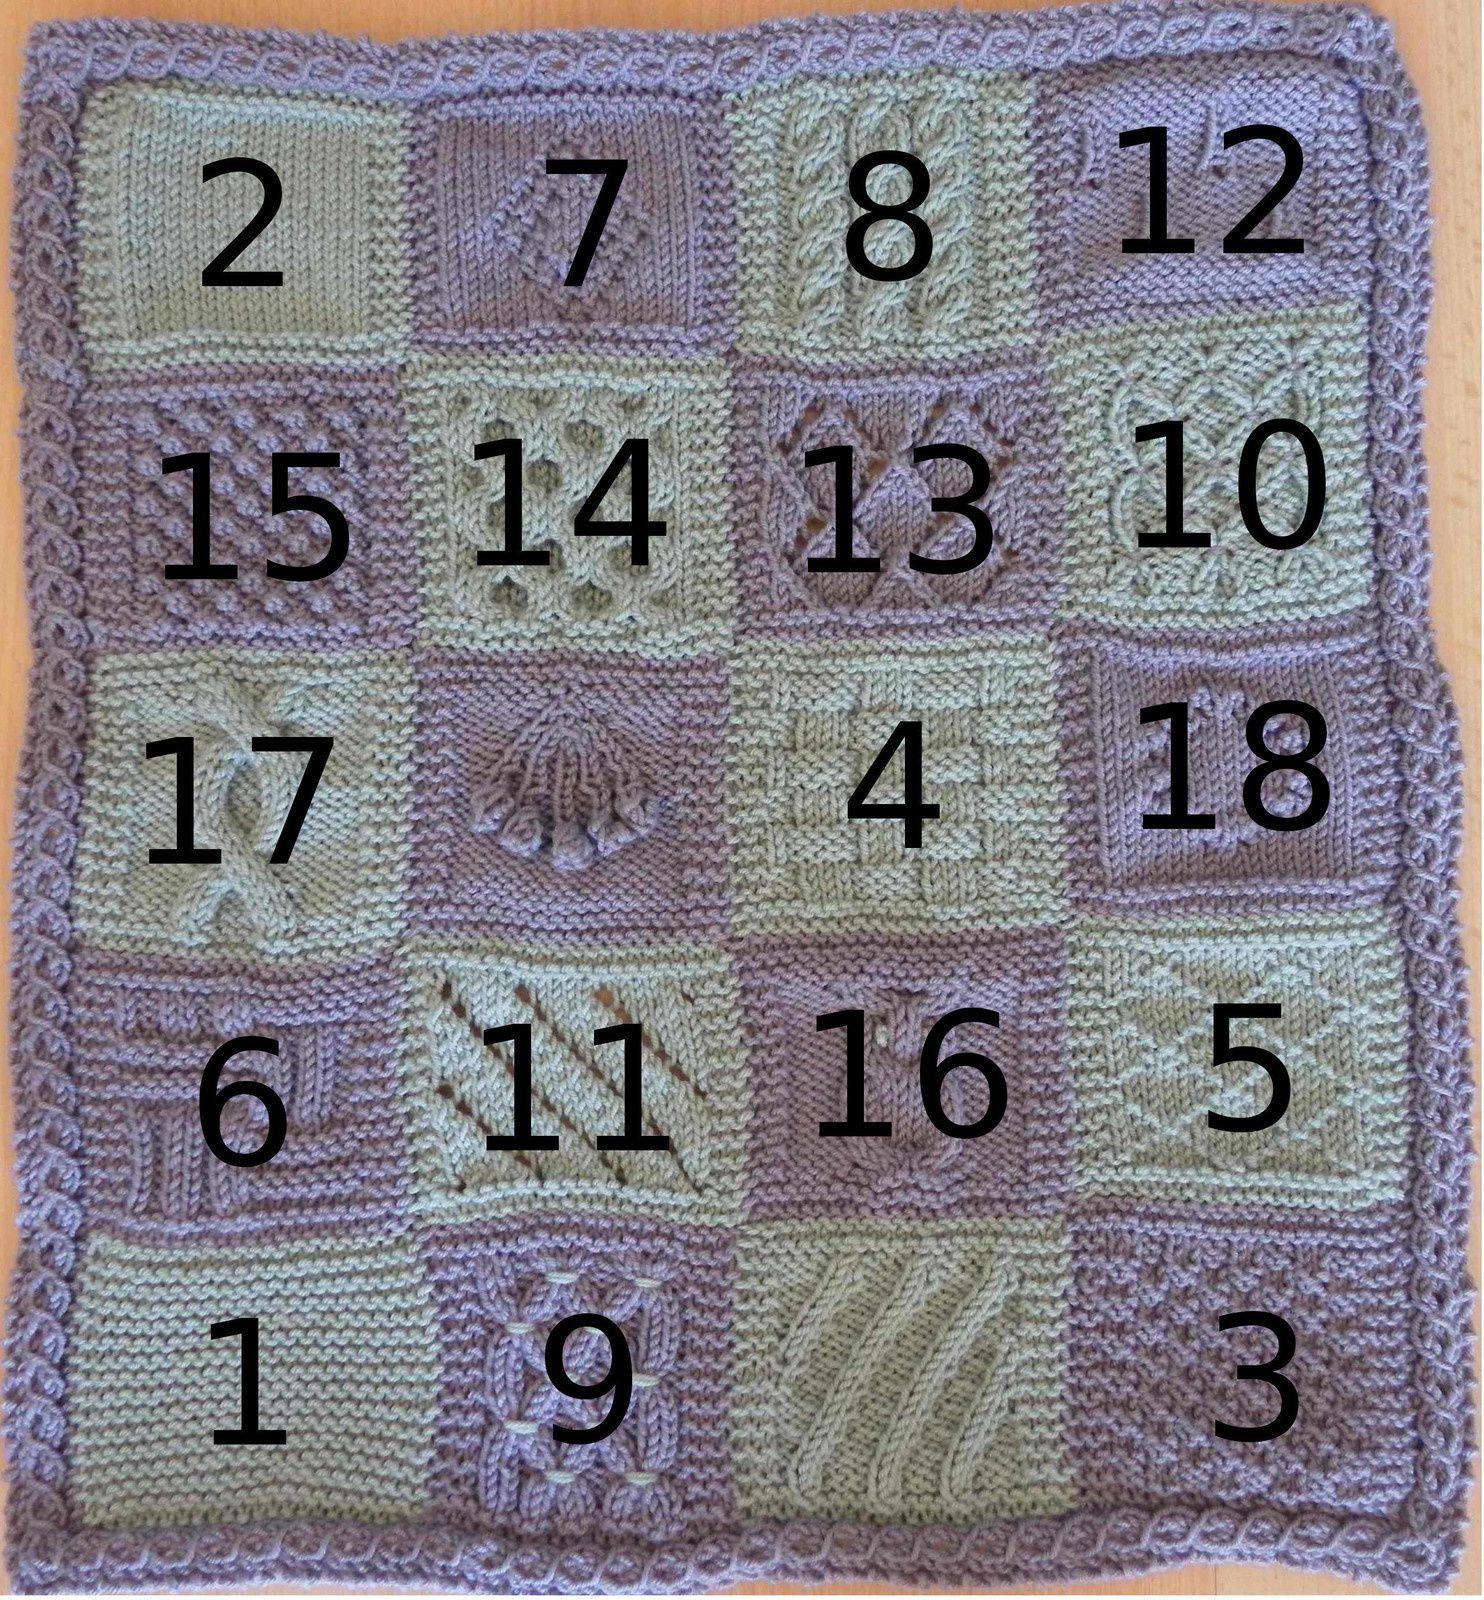 KAL boucle d'or version poupée : carré 18